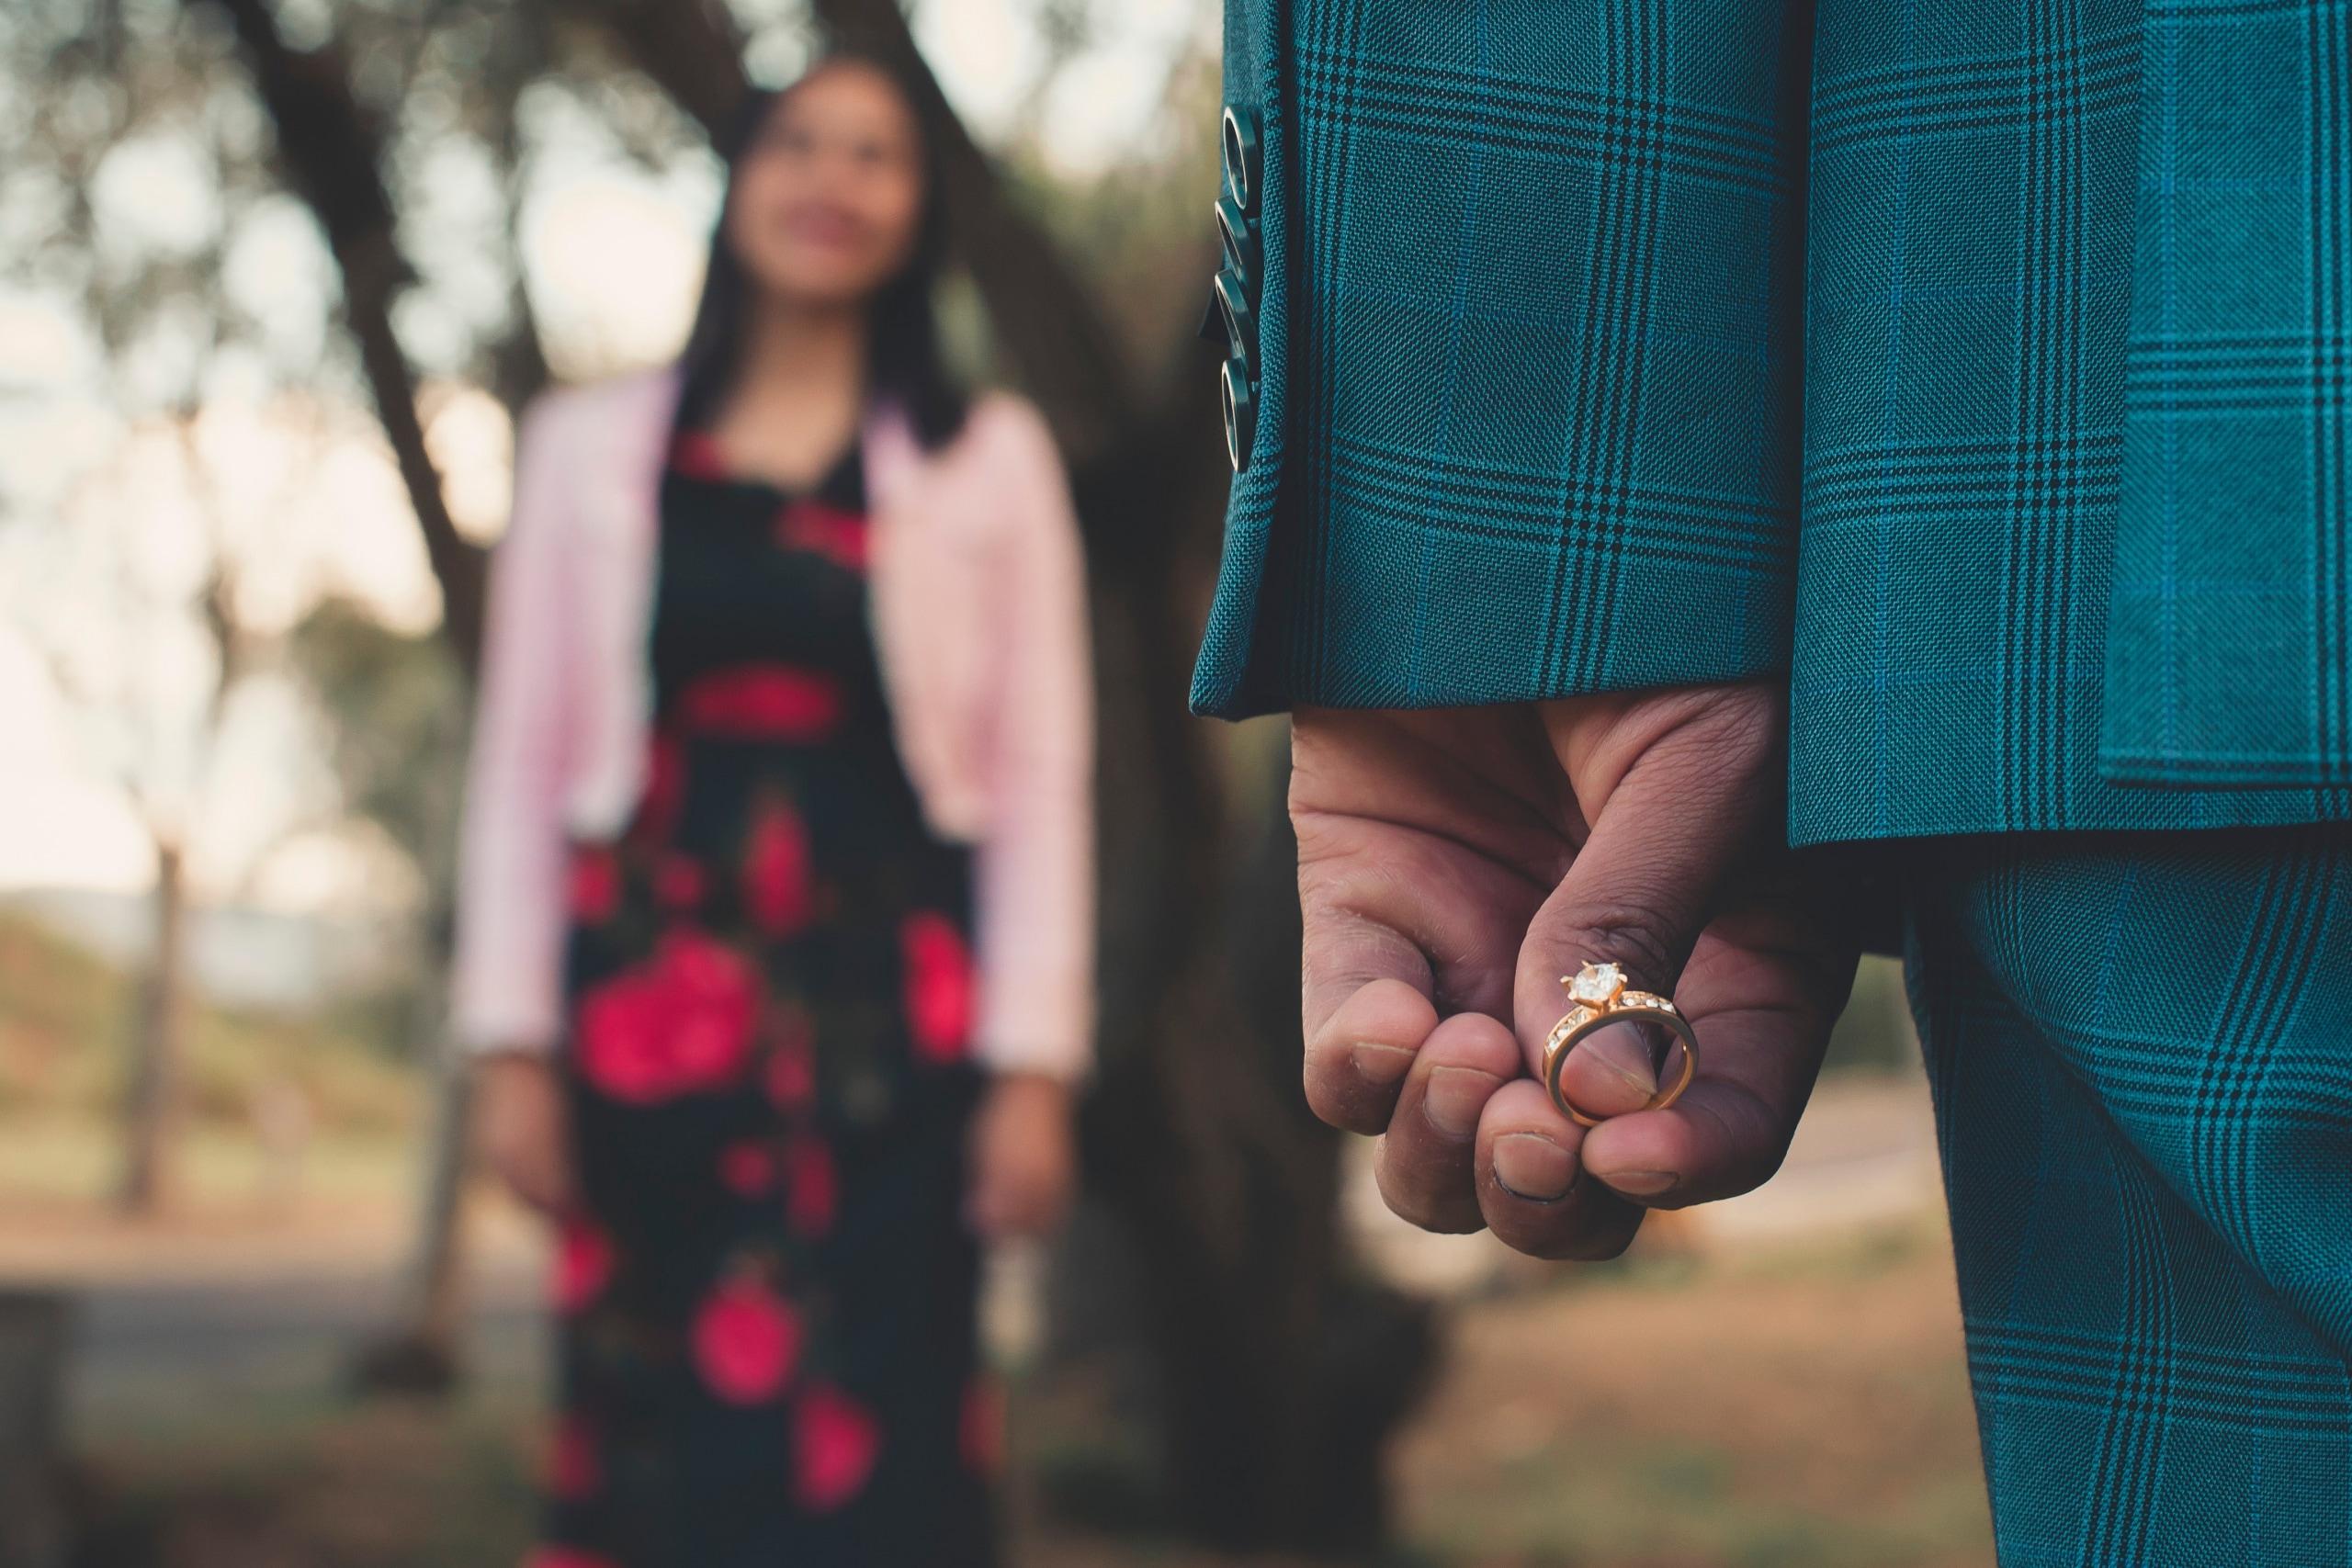 ズレはどのぐらいある? プロポーズの理想と現実のイメージ